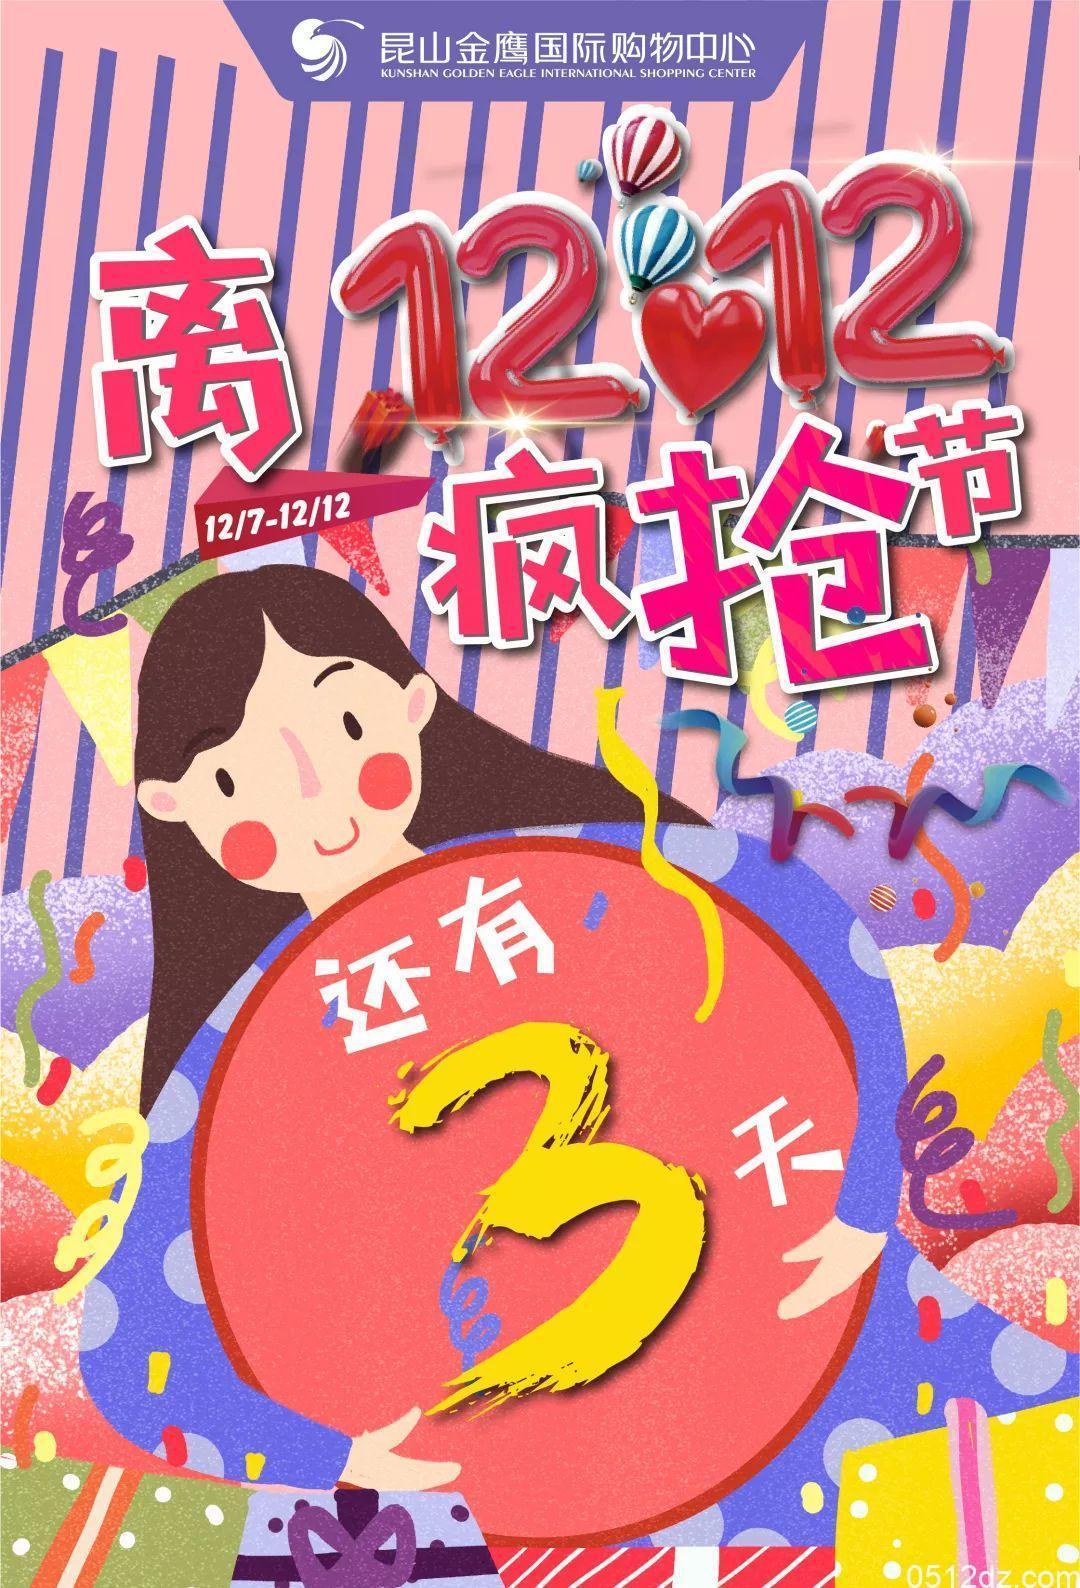 """昆山金鹰""""双十二疯抢节""""狂欢12.12不只是折扣"""